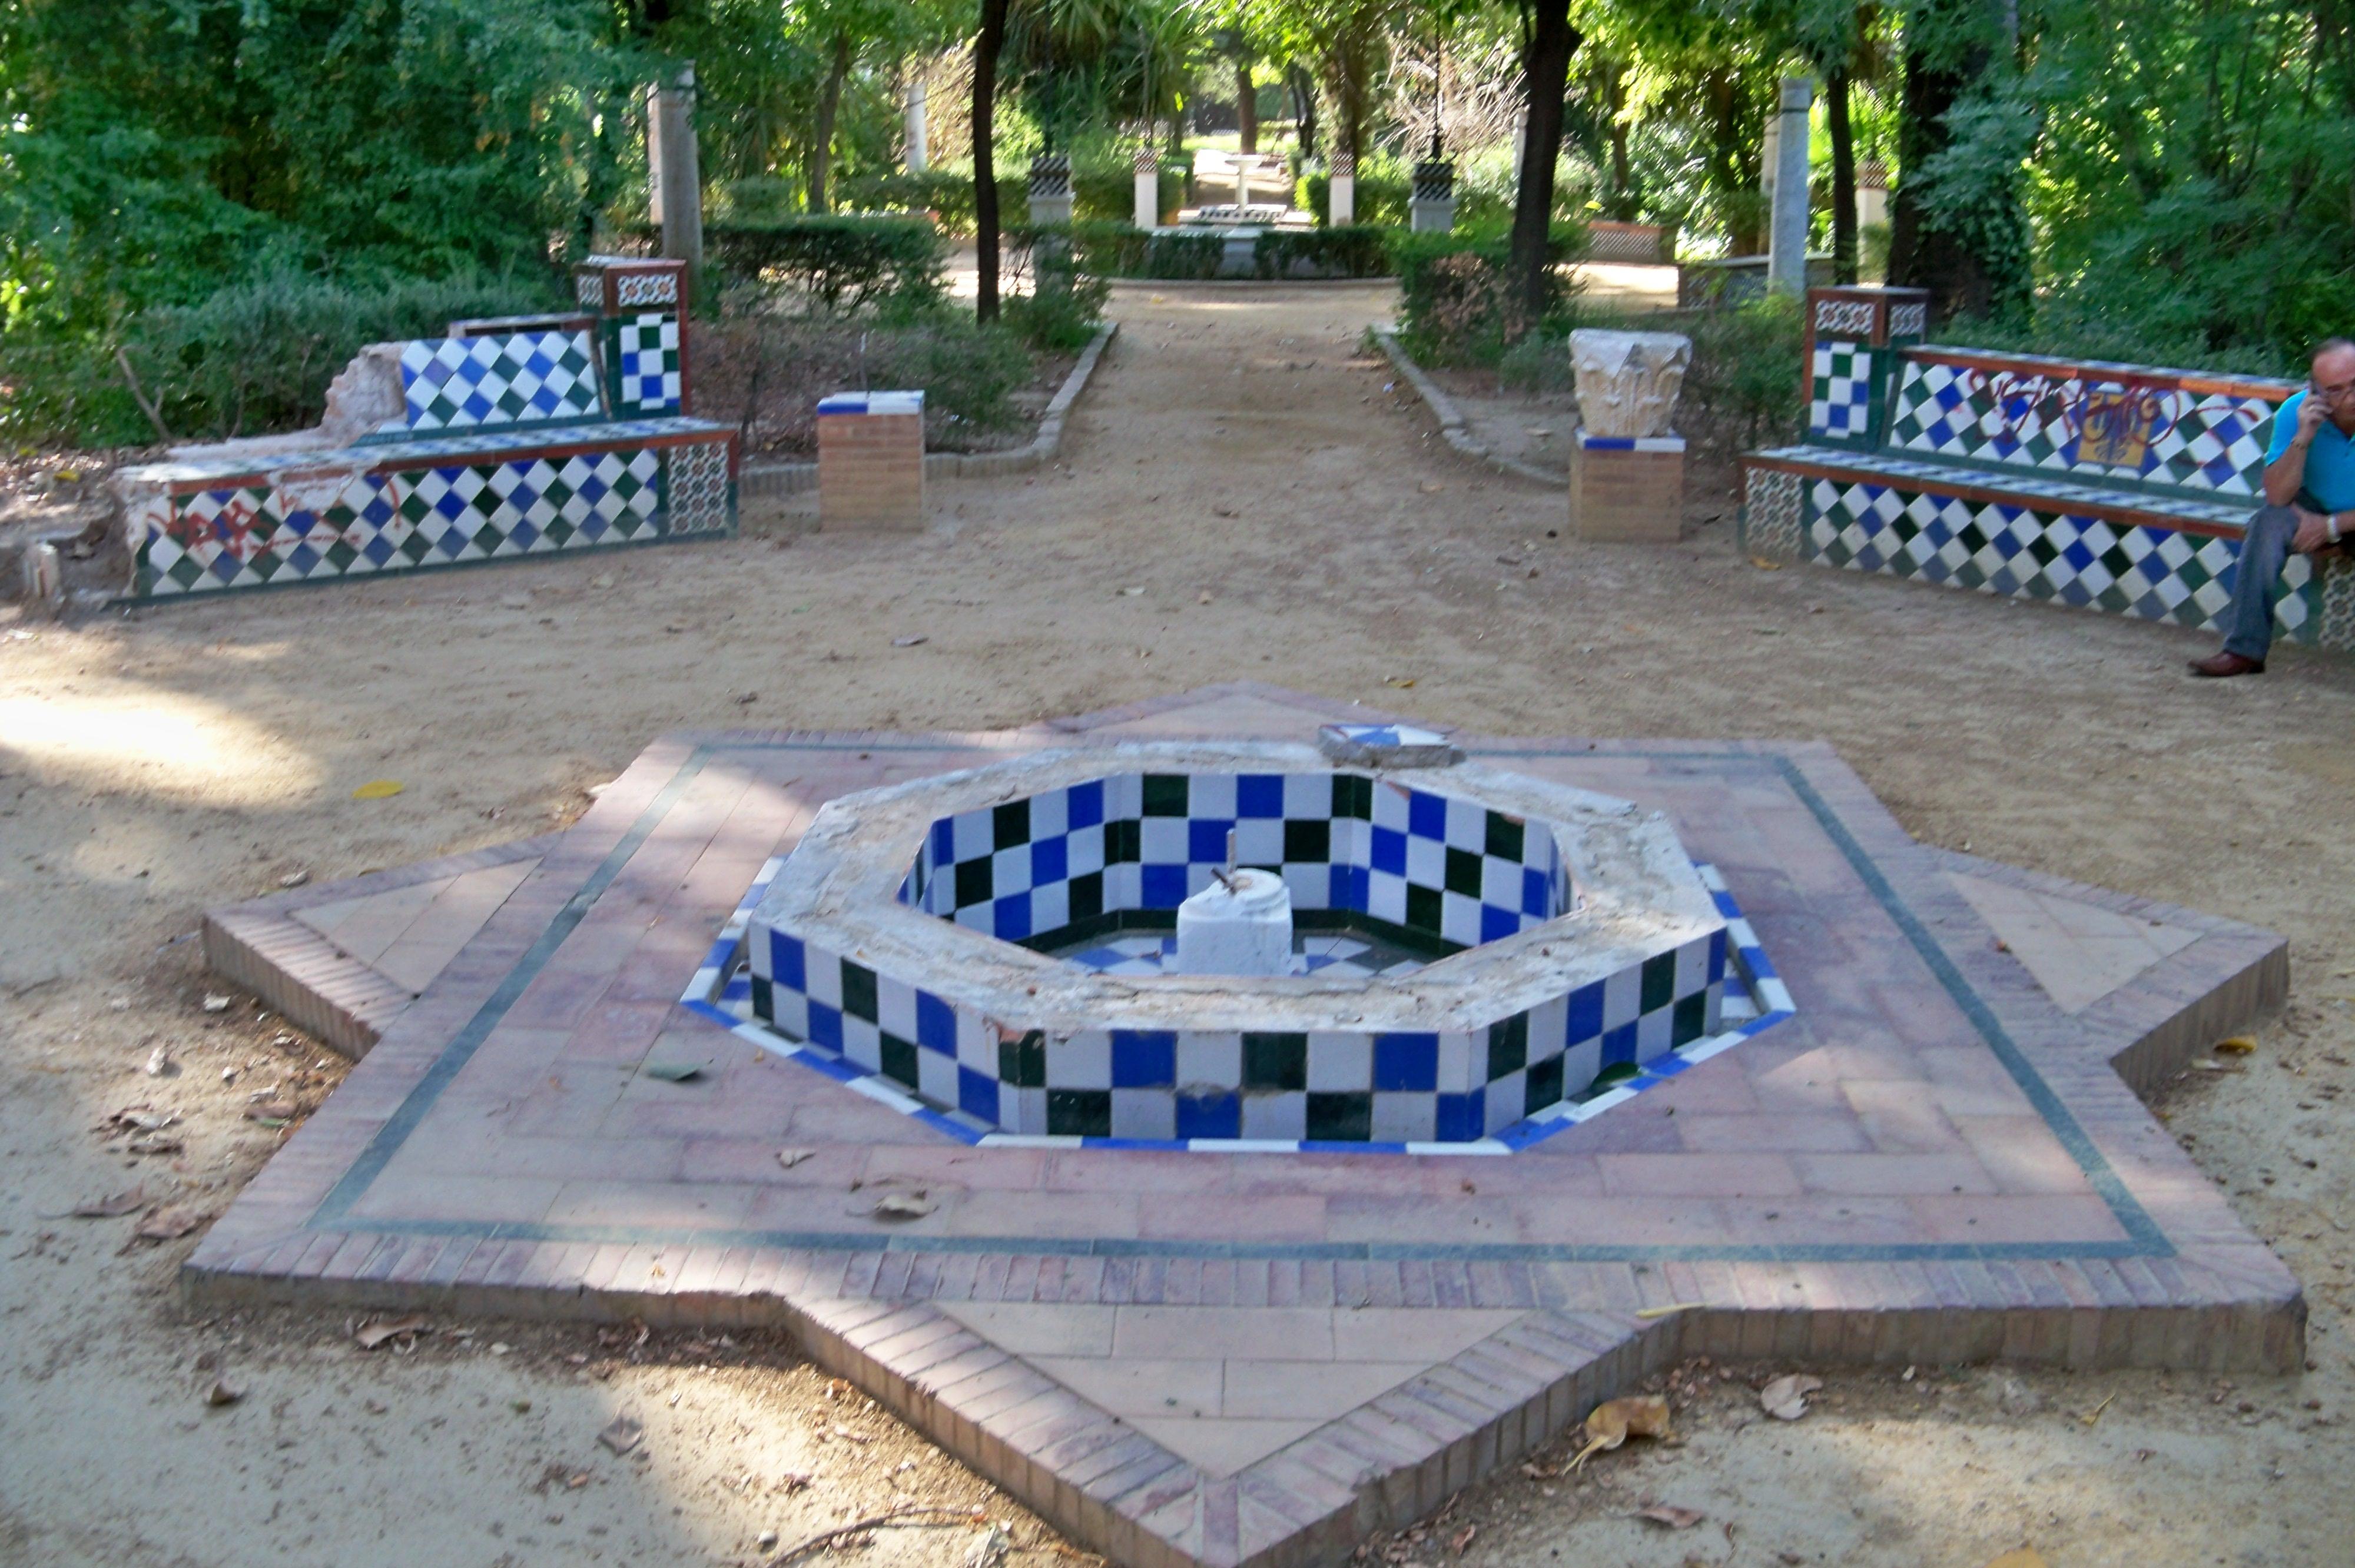 Arbol de las lianas asociaci n amigos de los jardines de for Fuente de los azulejos